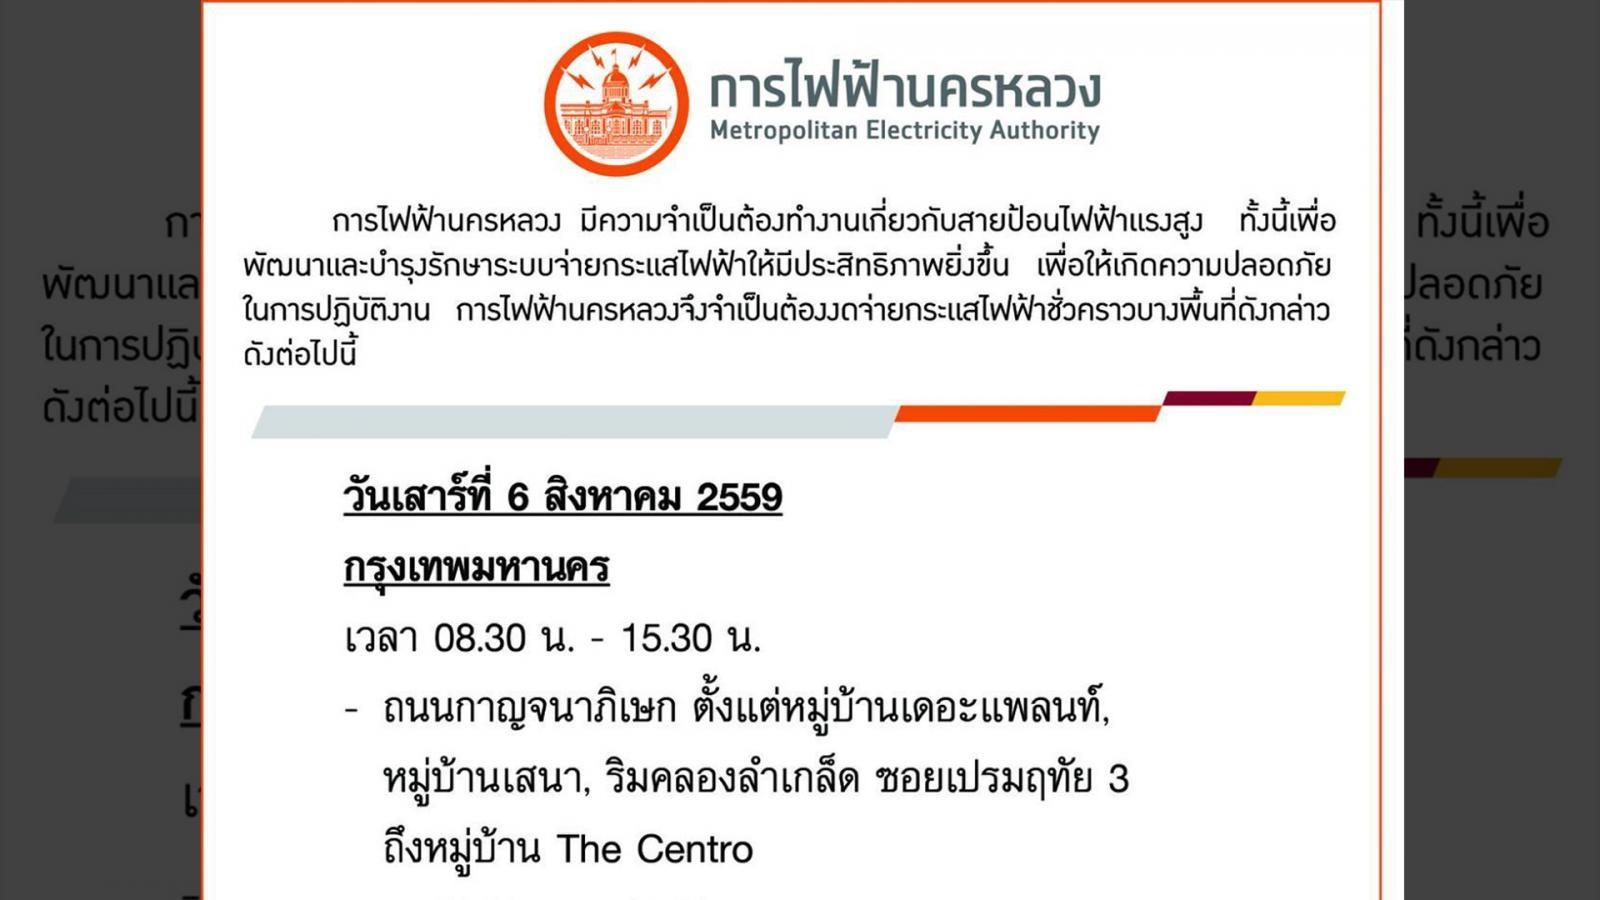 การไฟฟ้านครหลวง ประกาศงดจ่ายกระแสไฟฟ้าชั่วคราว ในวันที่ 6-11 สิงหาคม 2559